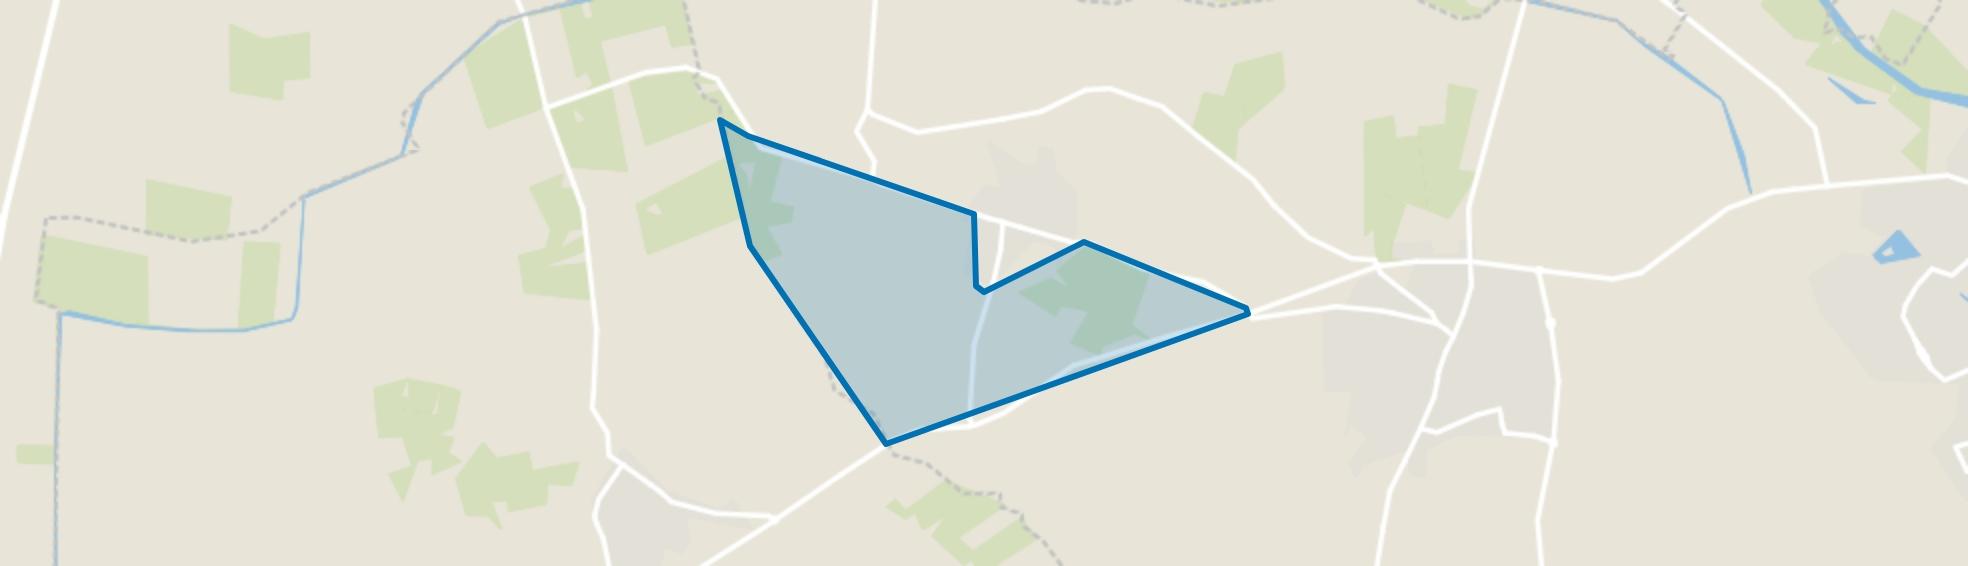 Nieuw-Wehl-Noord, Wehl map